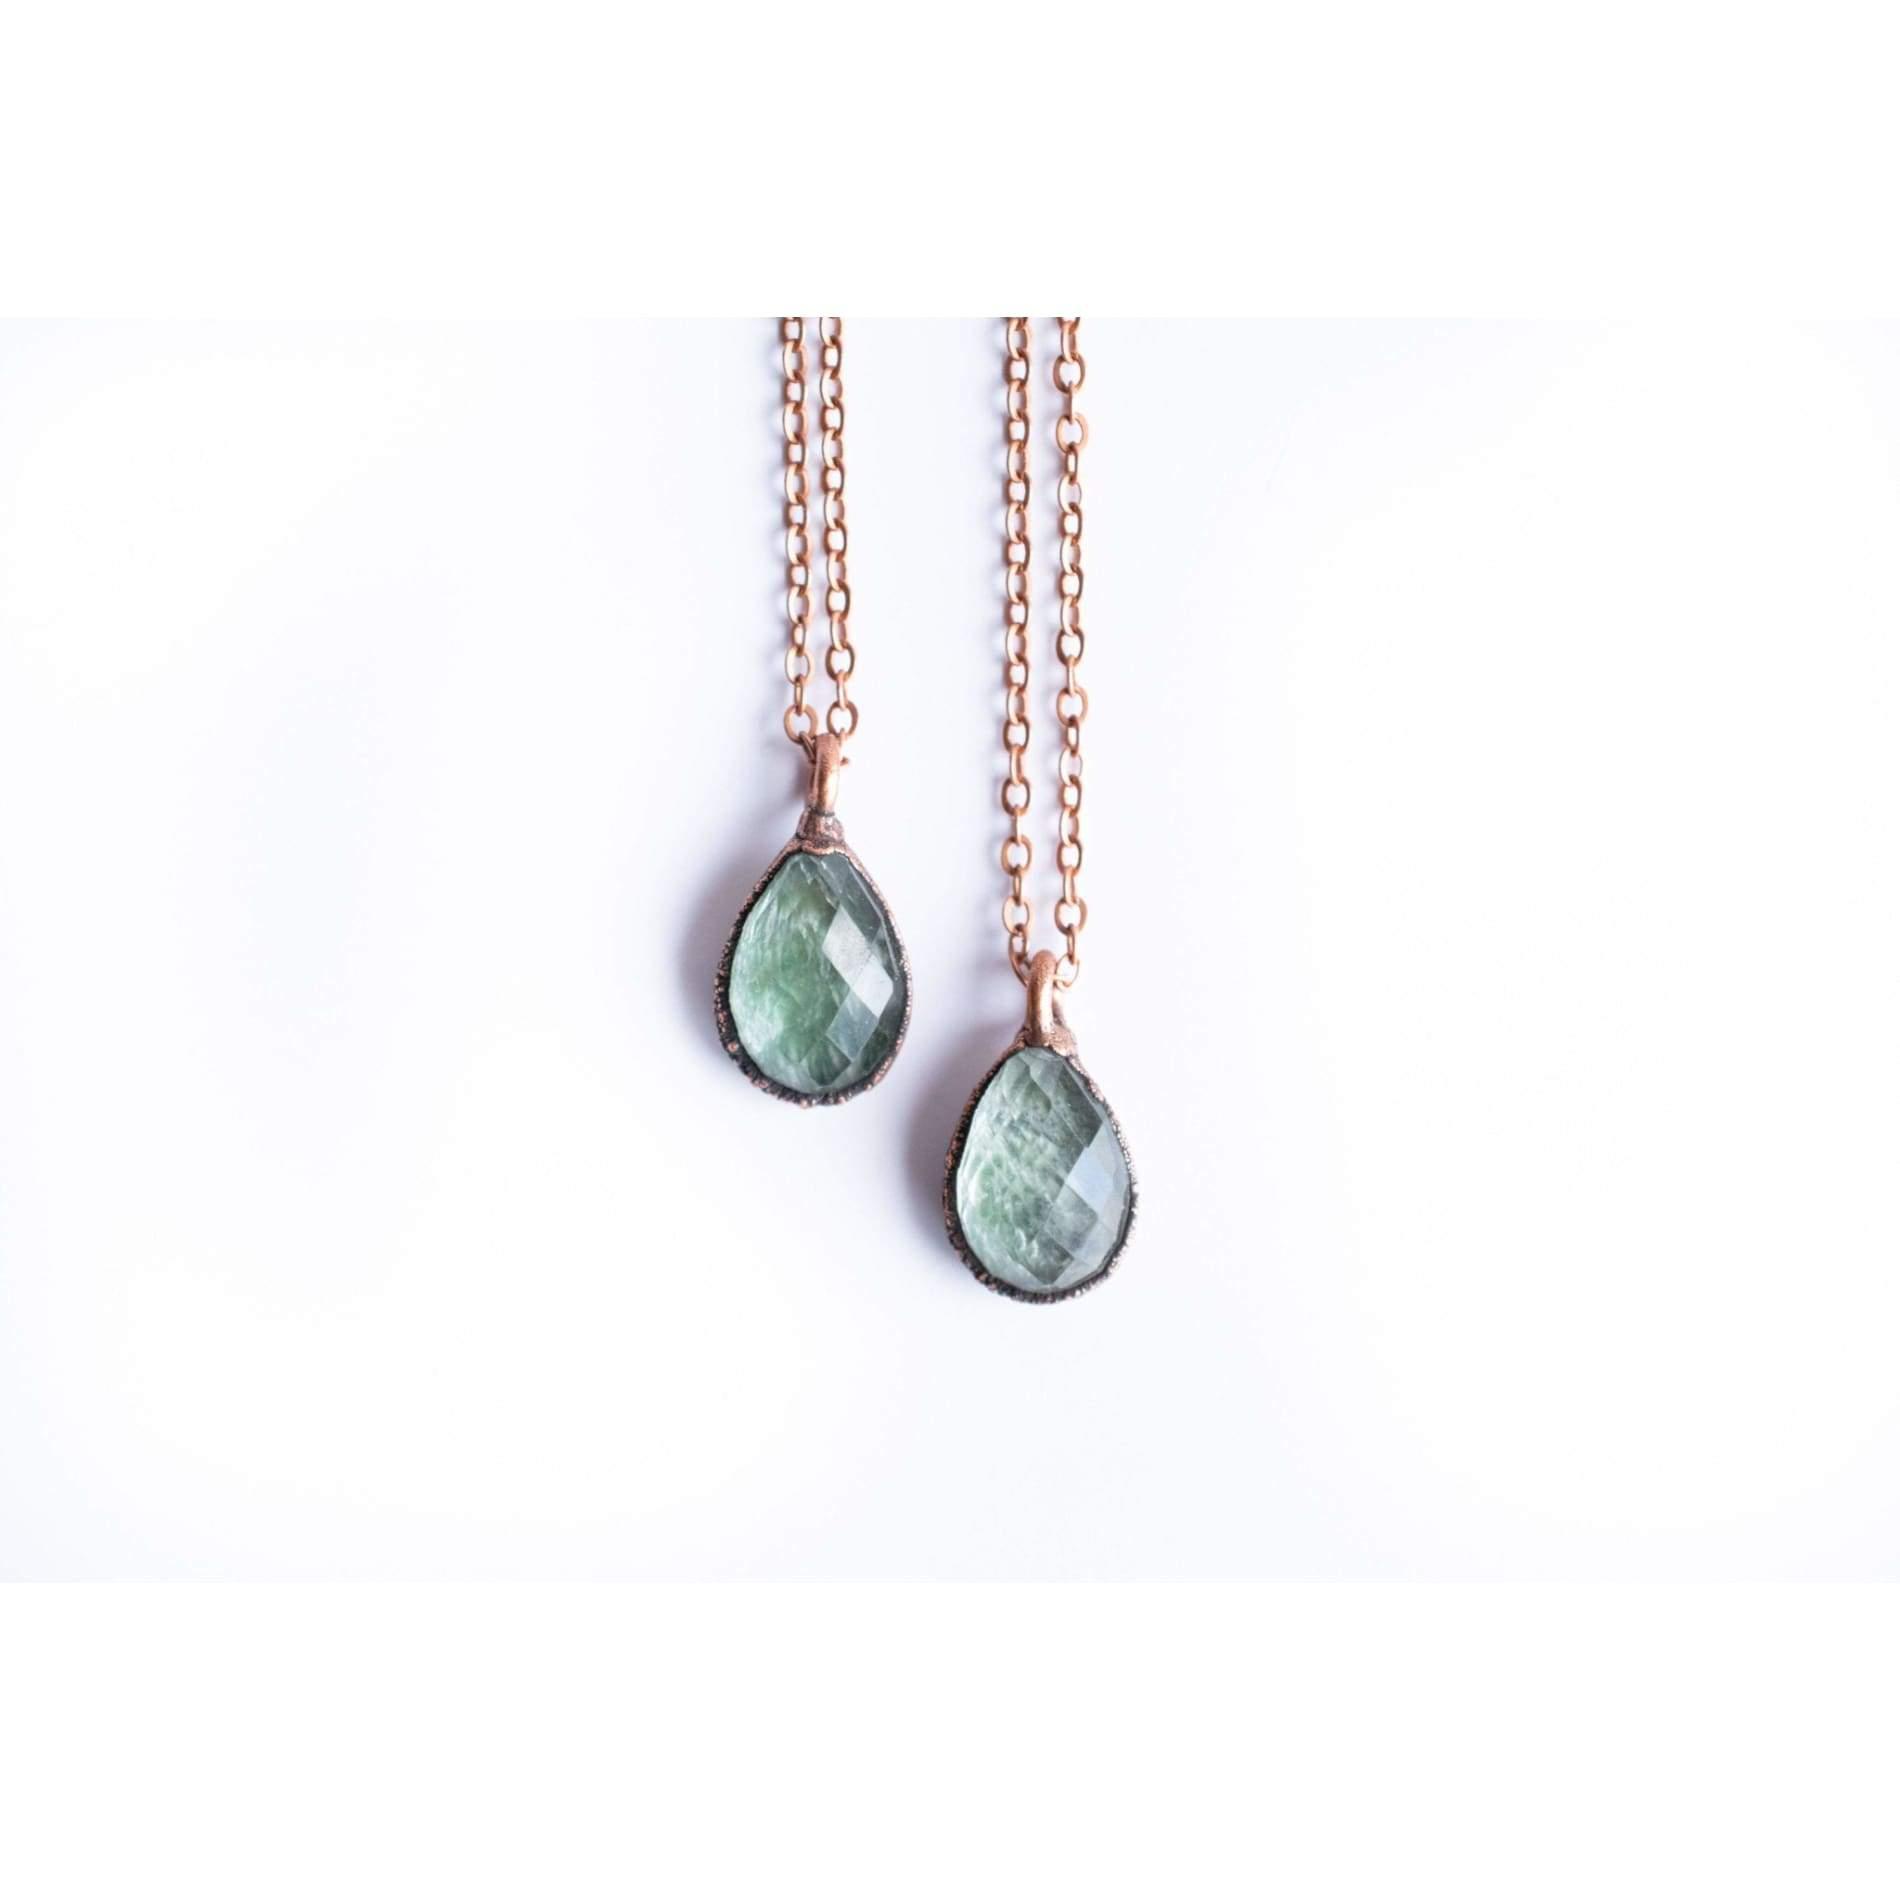 Copper Electroformed Labradorite Ring Boho Jewelry Labradorite Jewelry Faceted Blue Labradorite Ring Statement Ring